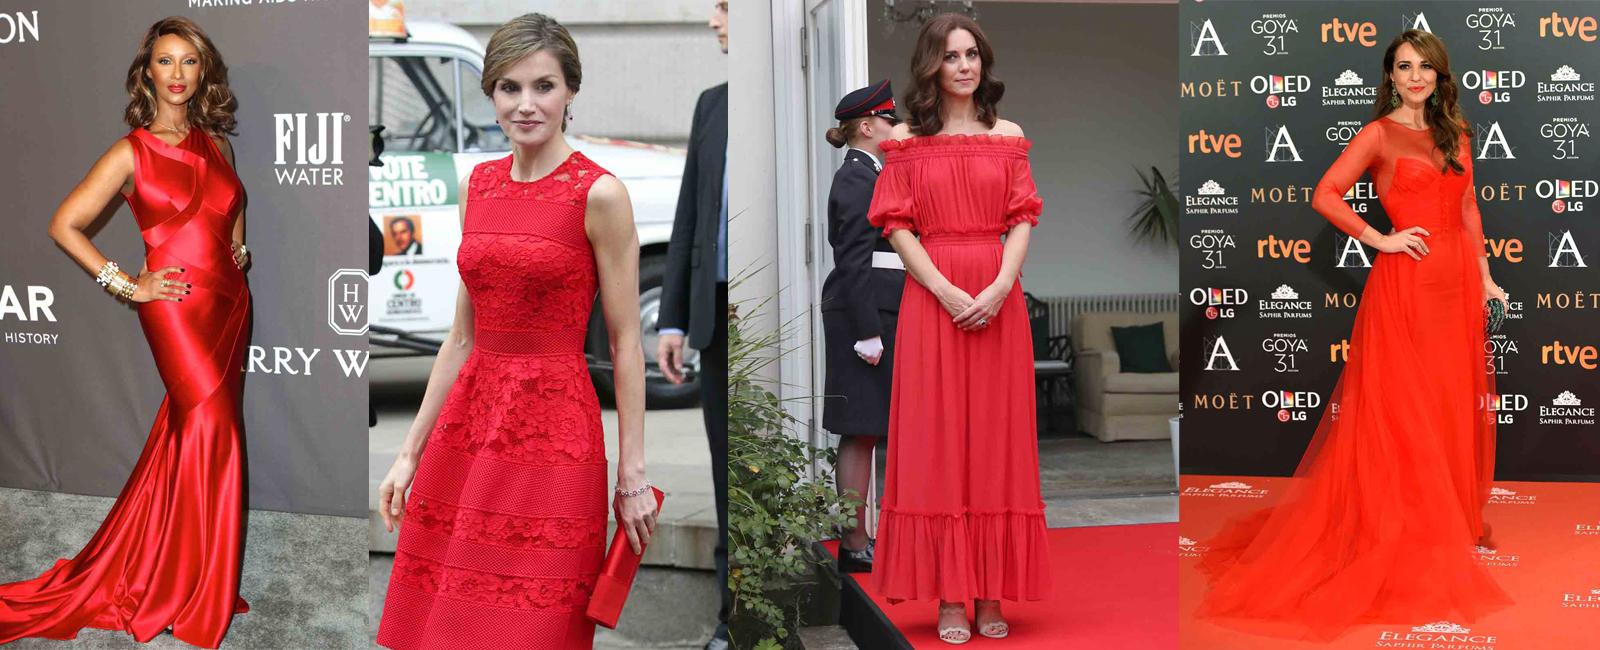 Las celebrites apuestan por el color rojo en 2017- Parte I